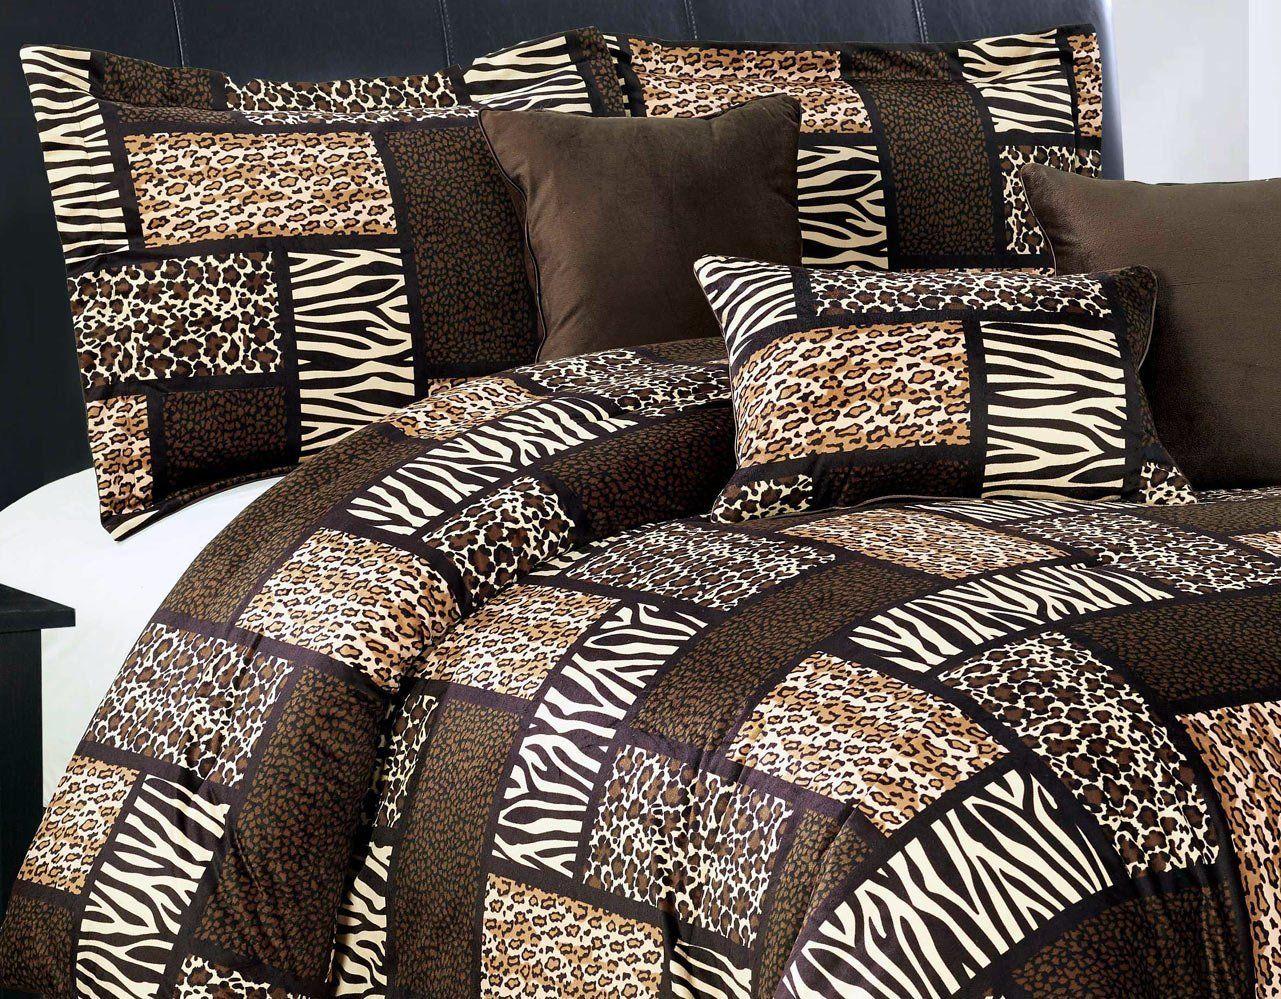 7 Piee Queen Size Safari Comforter Set Leopard Tiger Zebra Etc